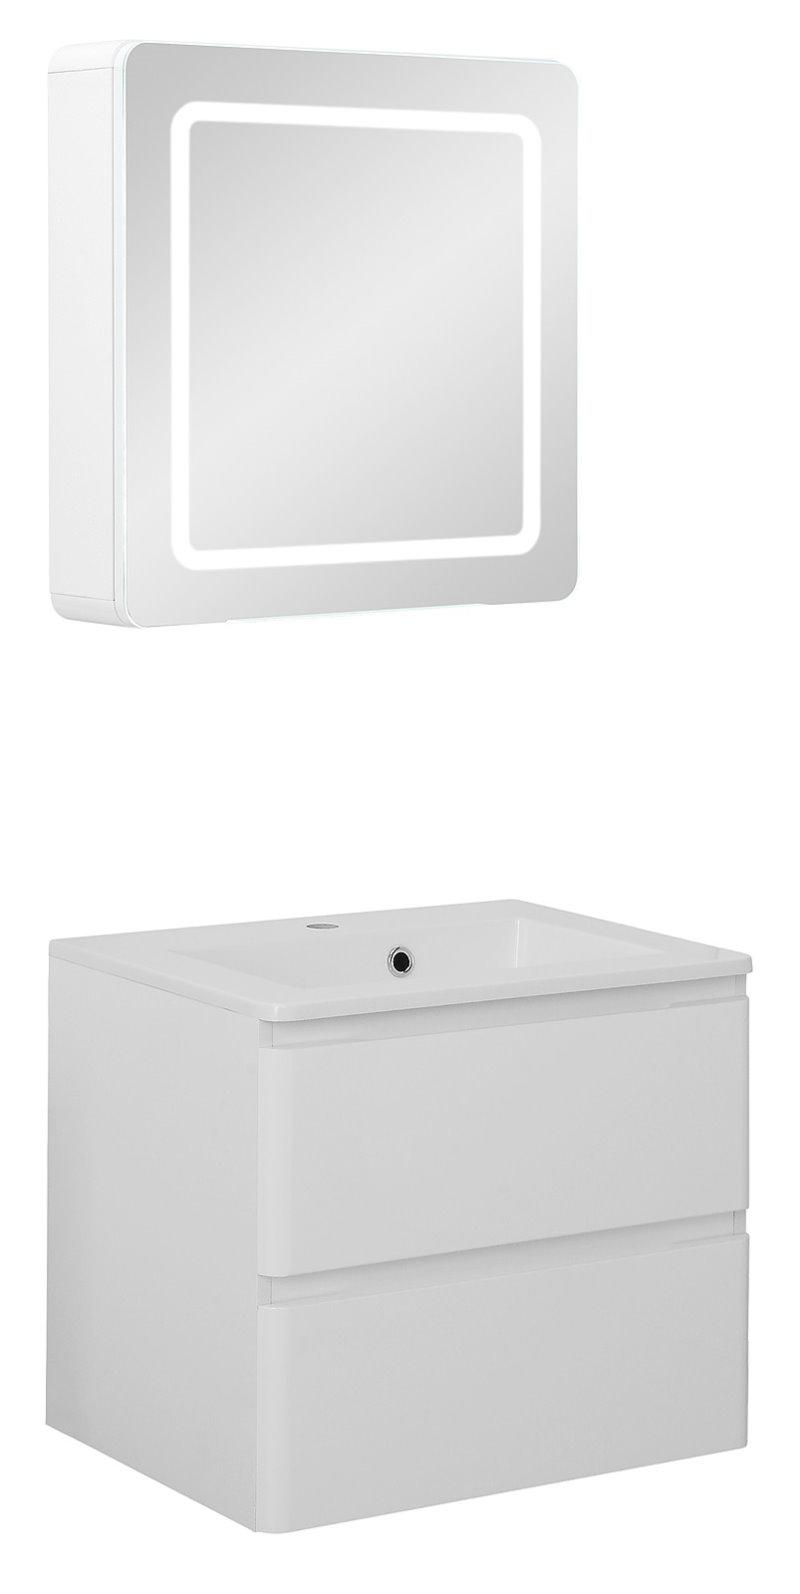 badm belset maja small waschbecken und spiegelschrank in 60 cm breite hochglanz weiss kaufen. Black Bedroom Furniture Sets. Home Design Ideas